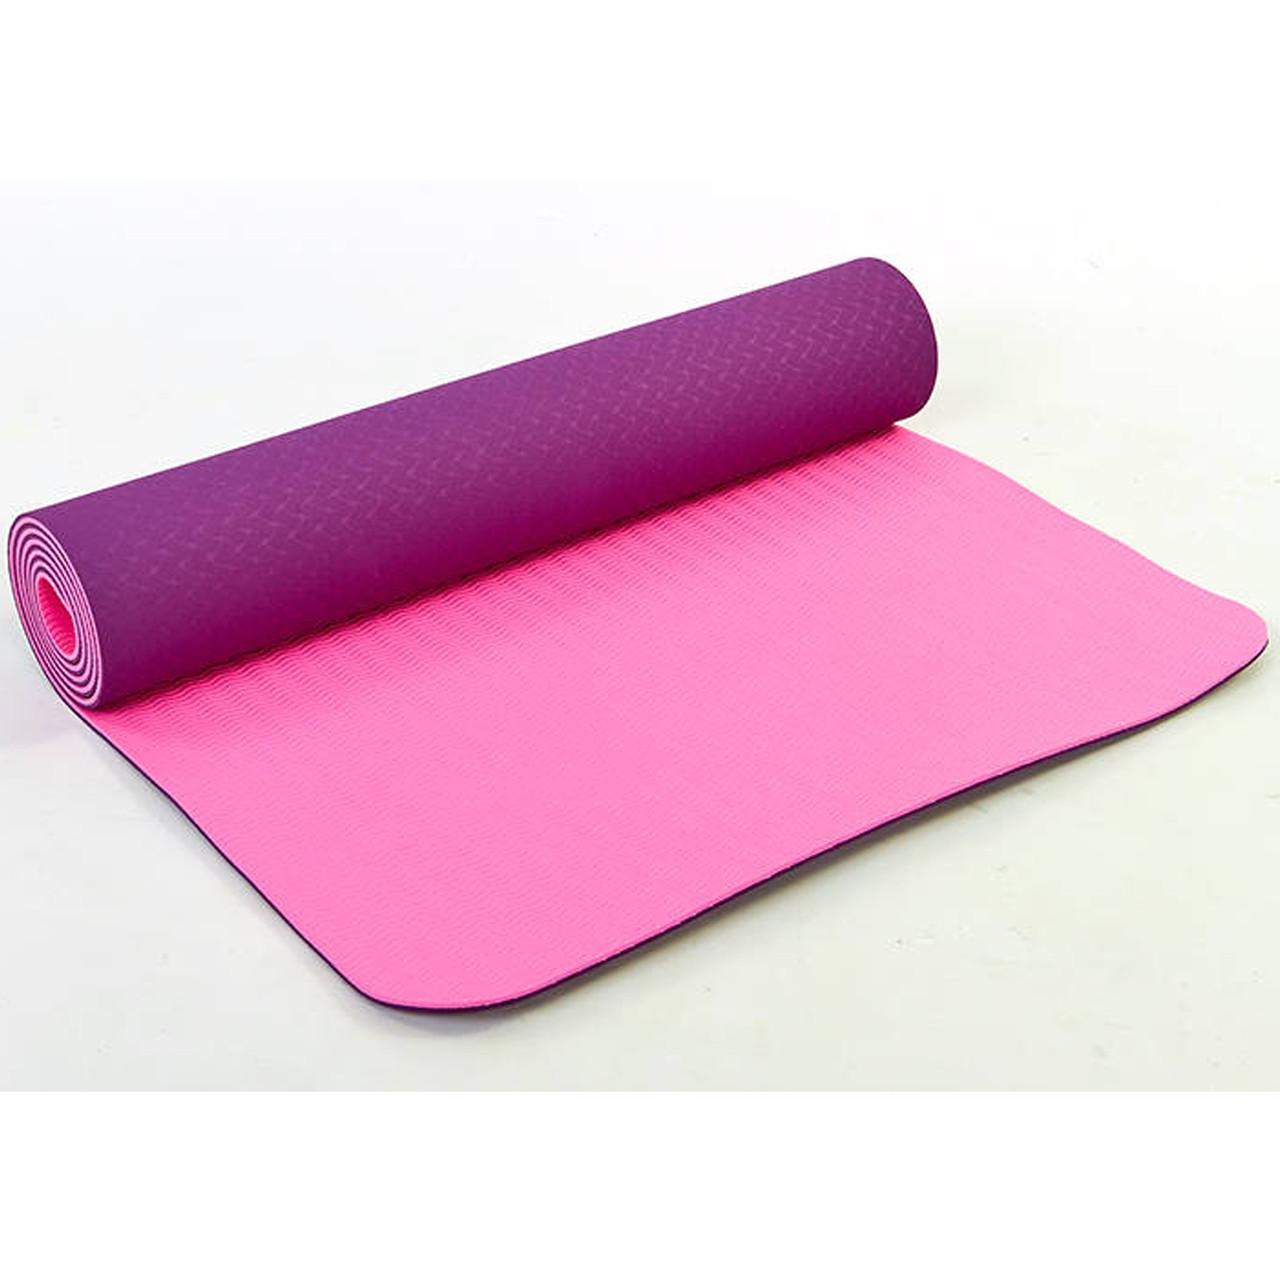 Коврик для фитнеса и йоги TPE+TC 6мм двухслойный фиолетово-розовый FI-3046-10